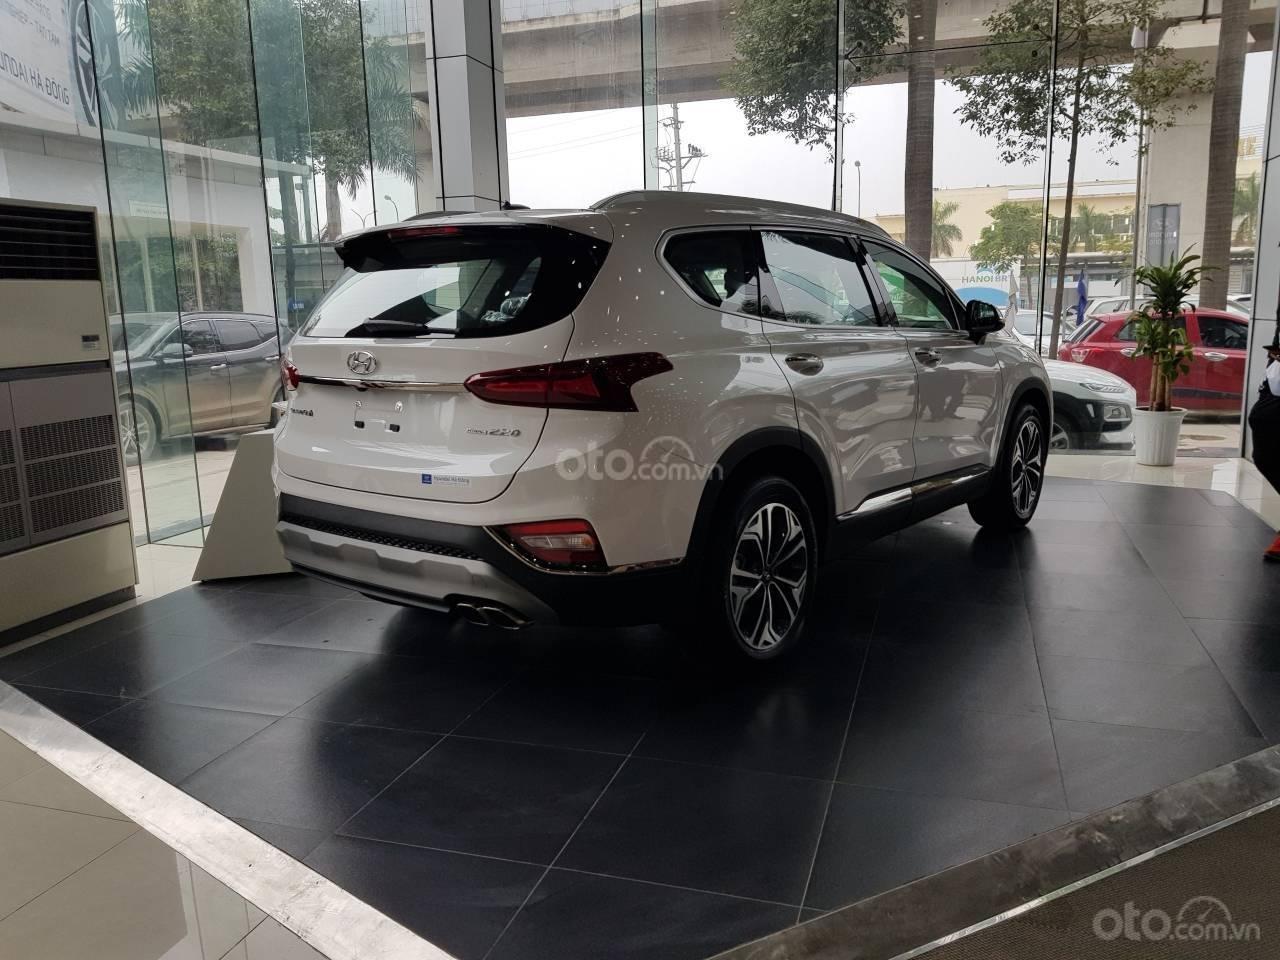 Bán Hyundai Santa Fe 2019, giao xe ngay, khuyến mại cực cao, liên hệ ngay 0981476777 để ép giá và nhận ưu đãi-6